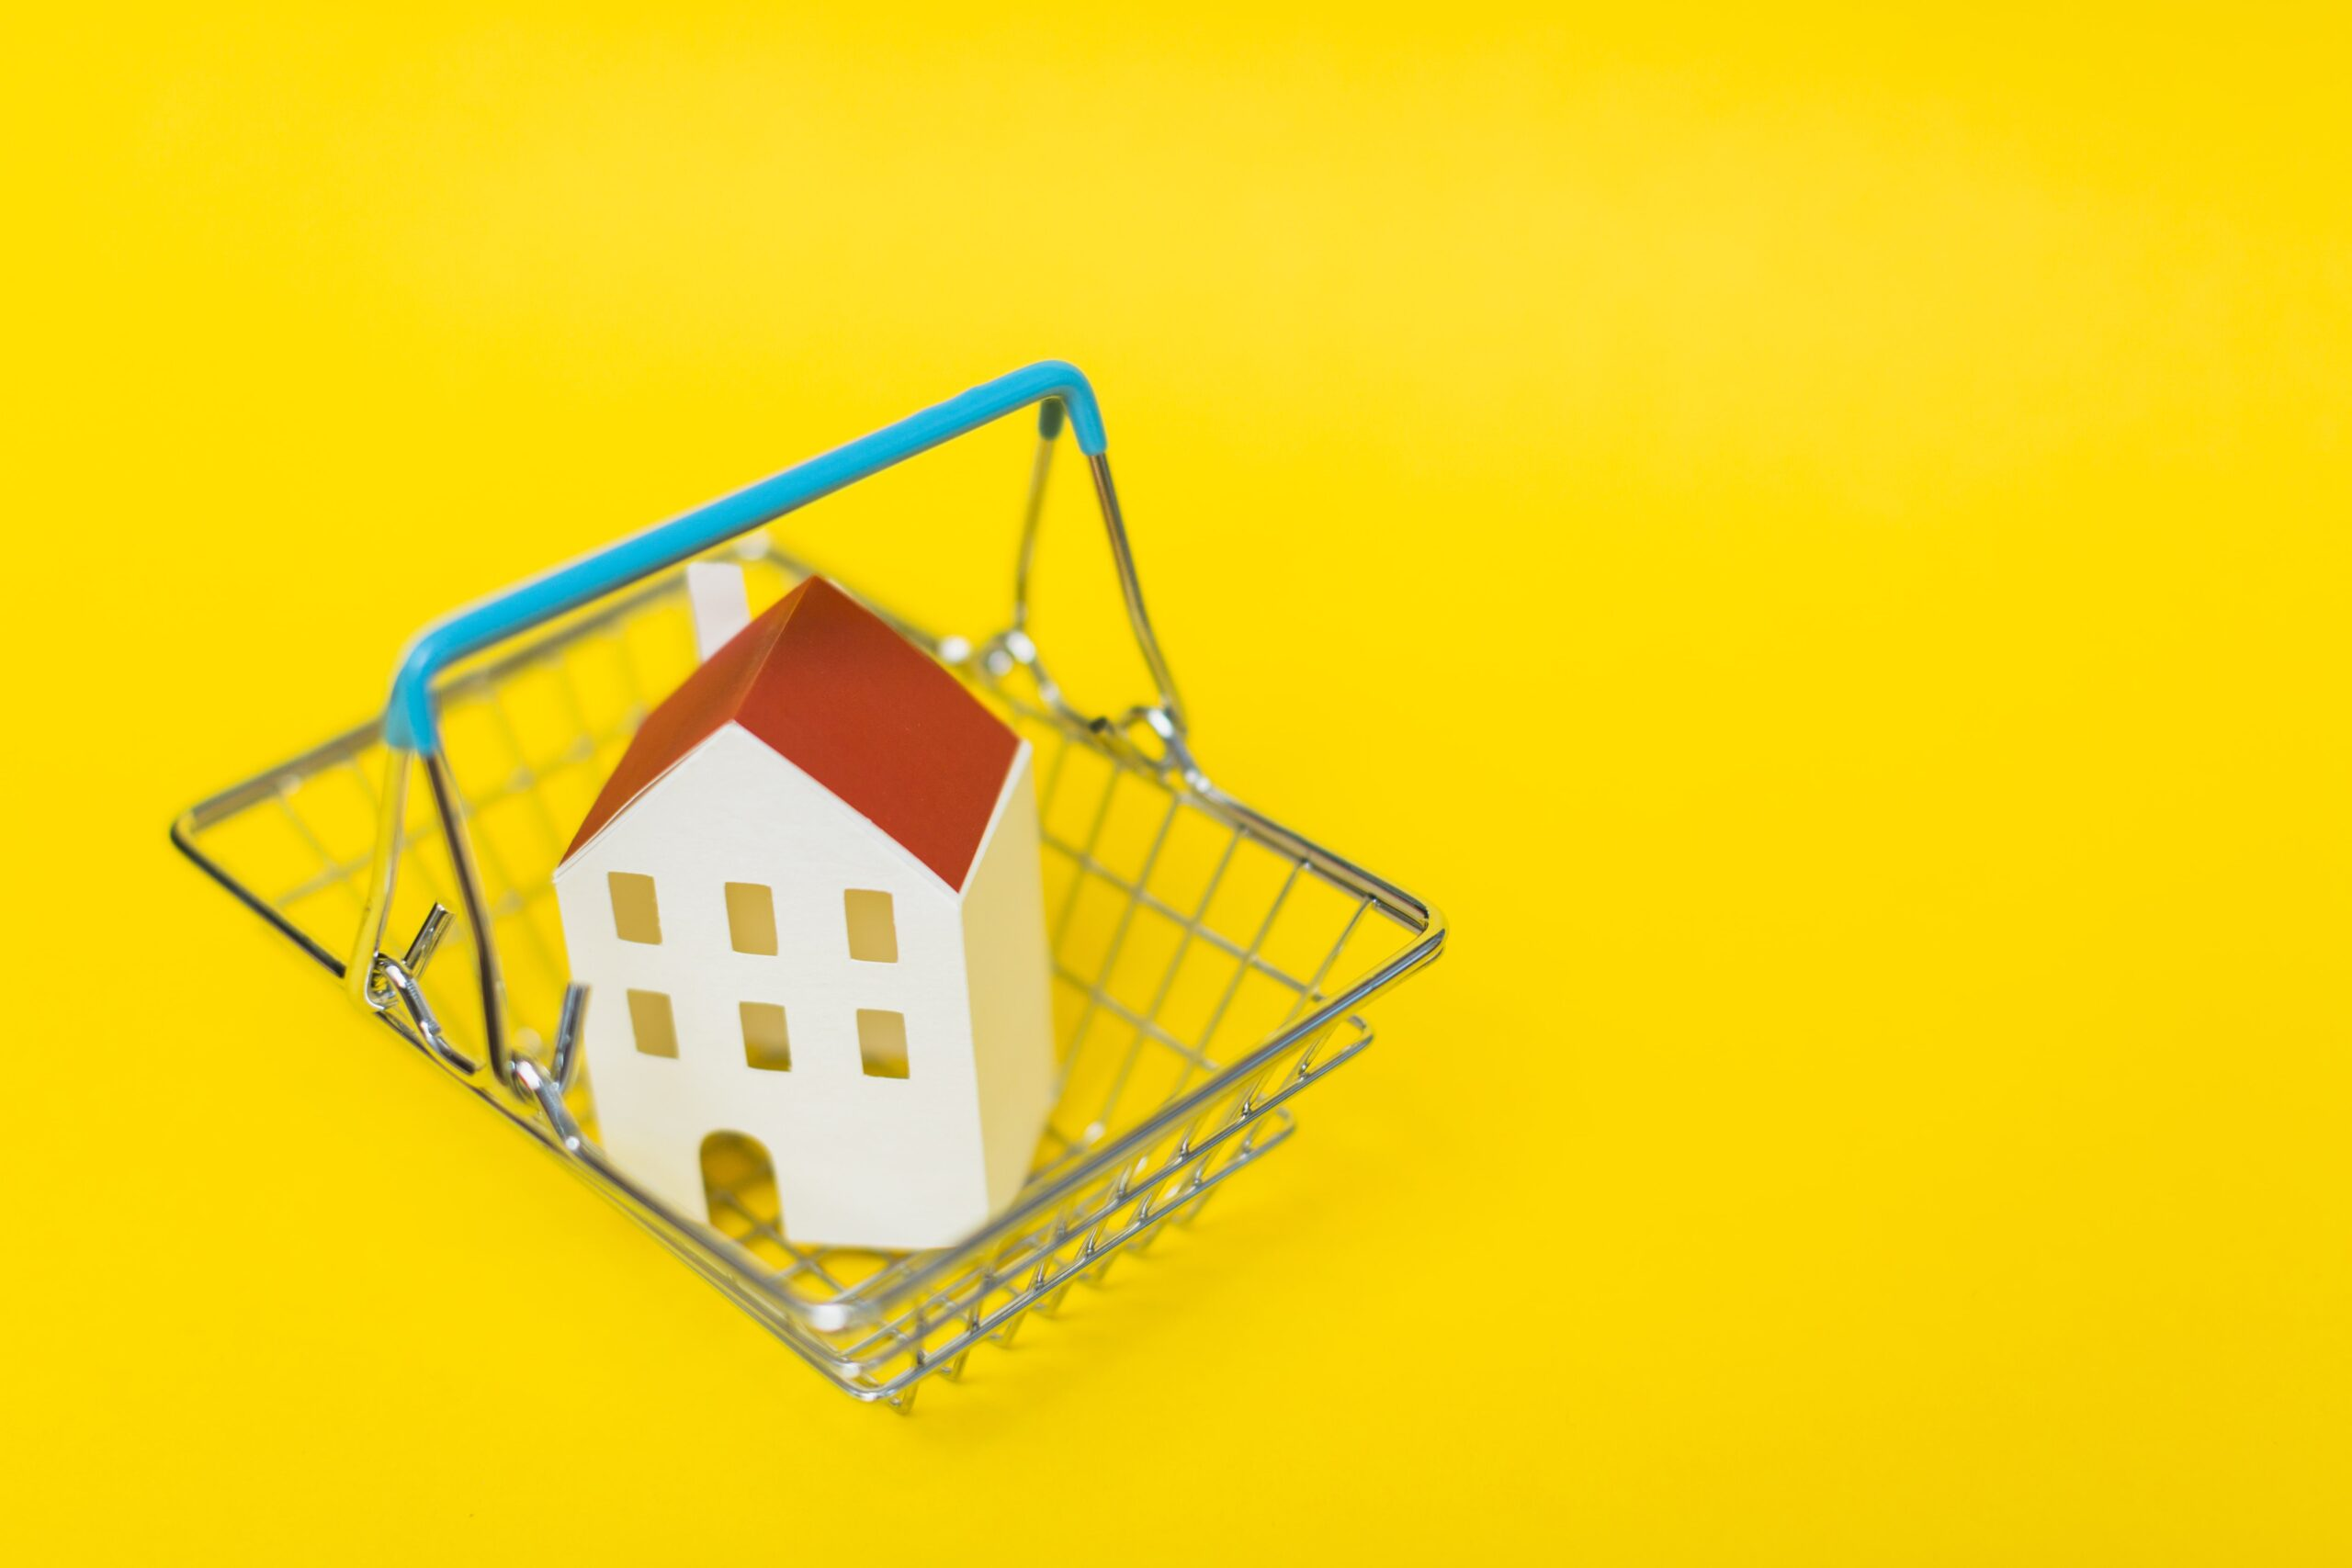 איך לקנות דירה בלי הון עצמי